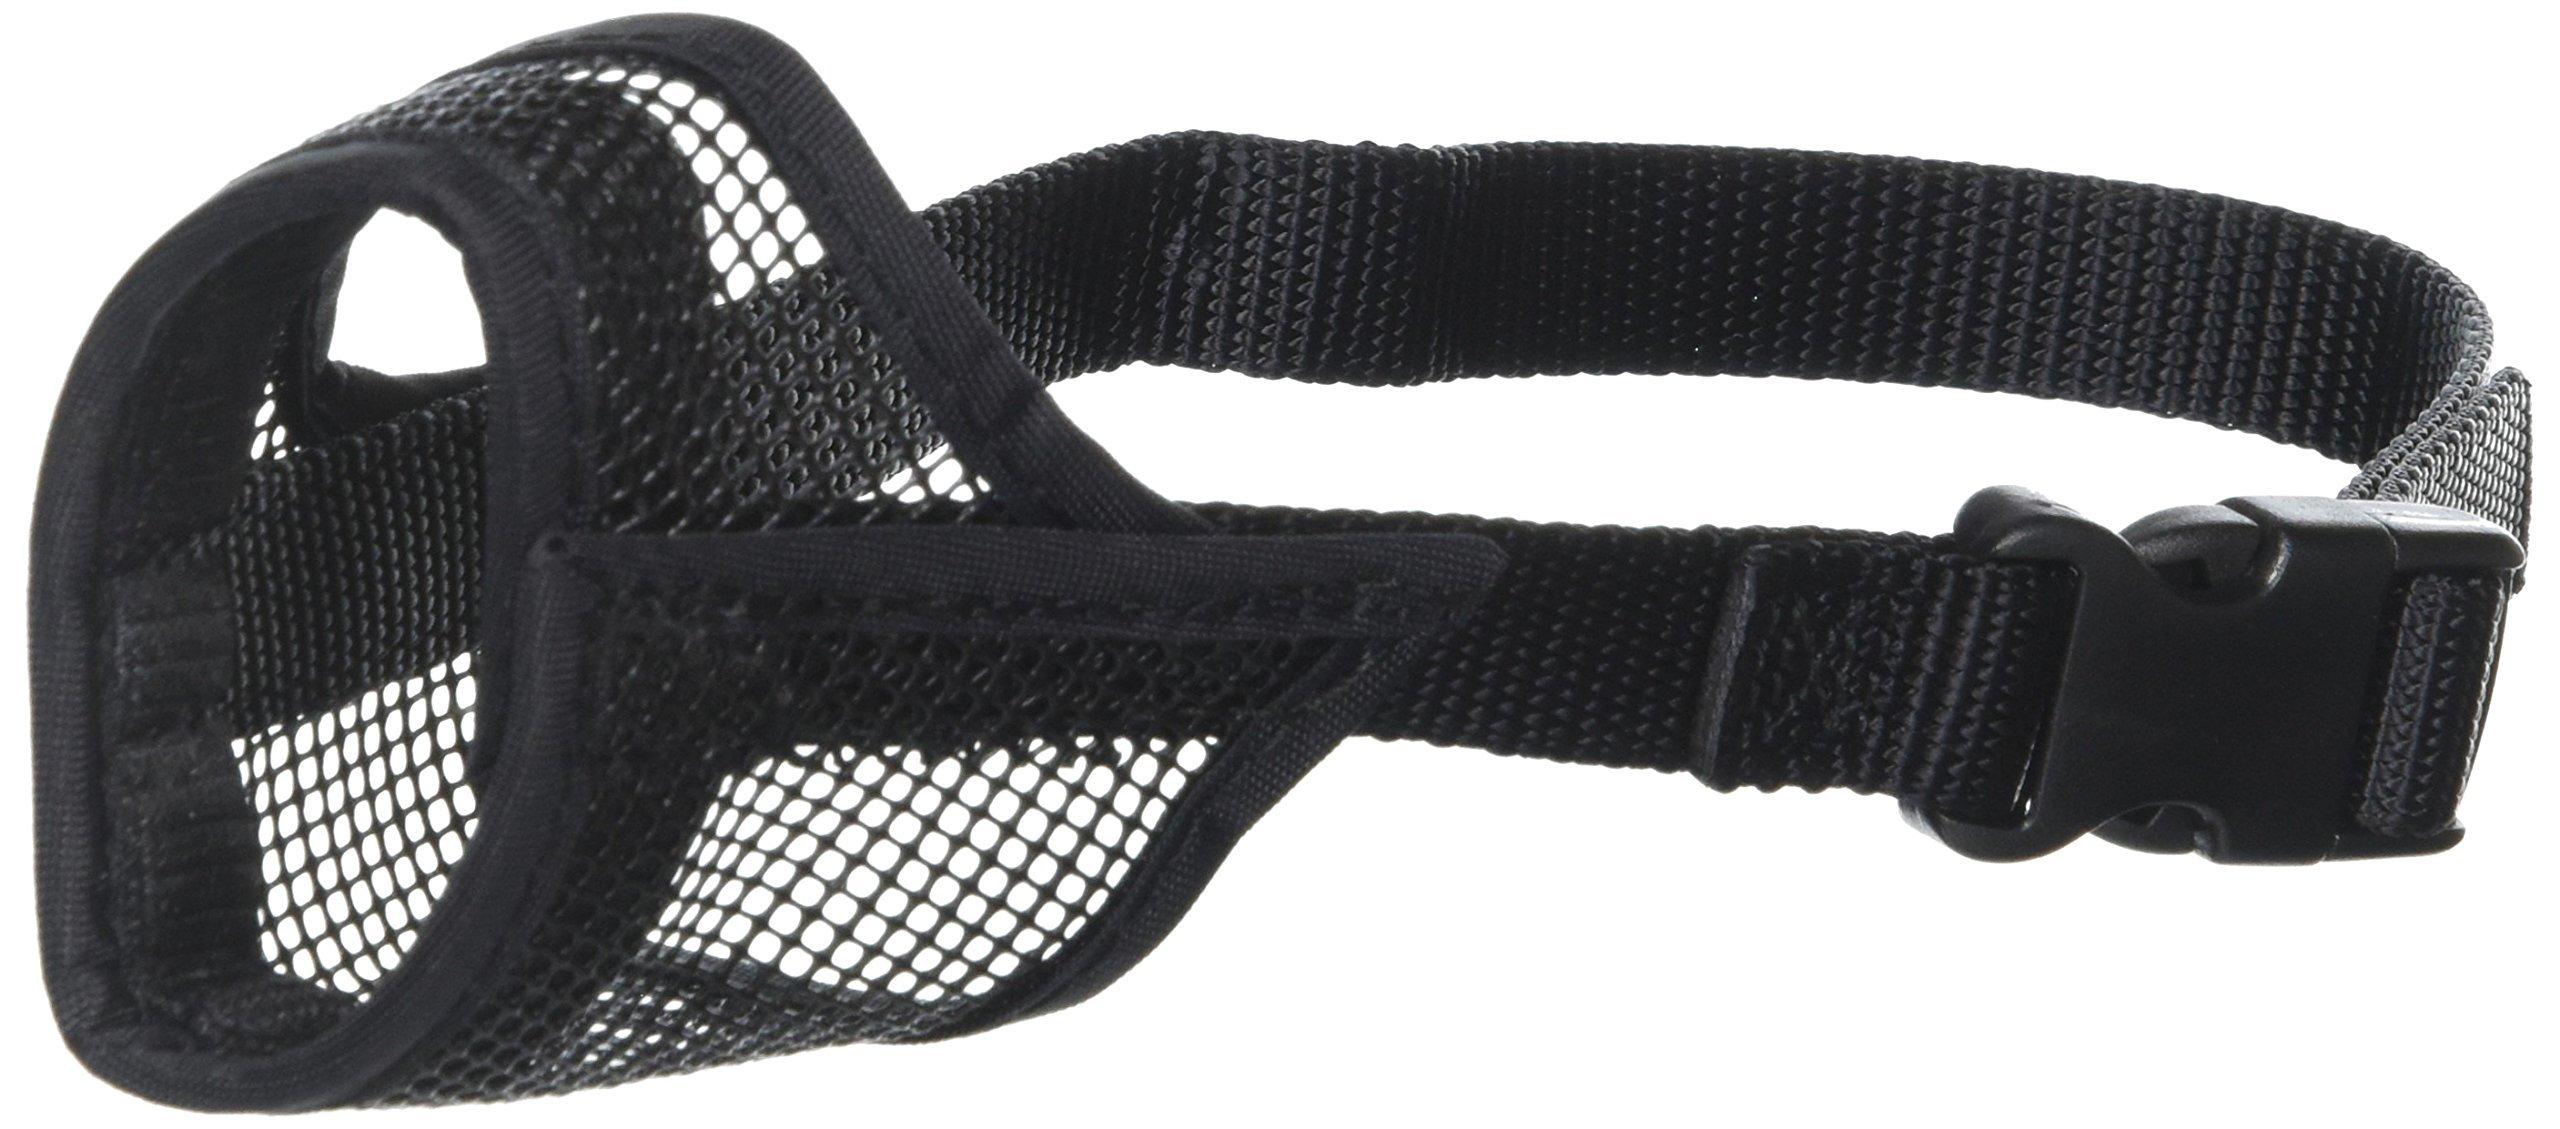 Coastal Pet Products DCP13003 Nylon Fabric Dog Muzzle, Size 3